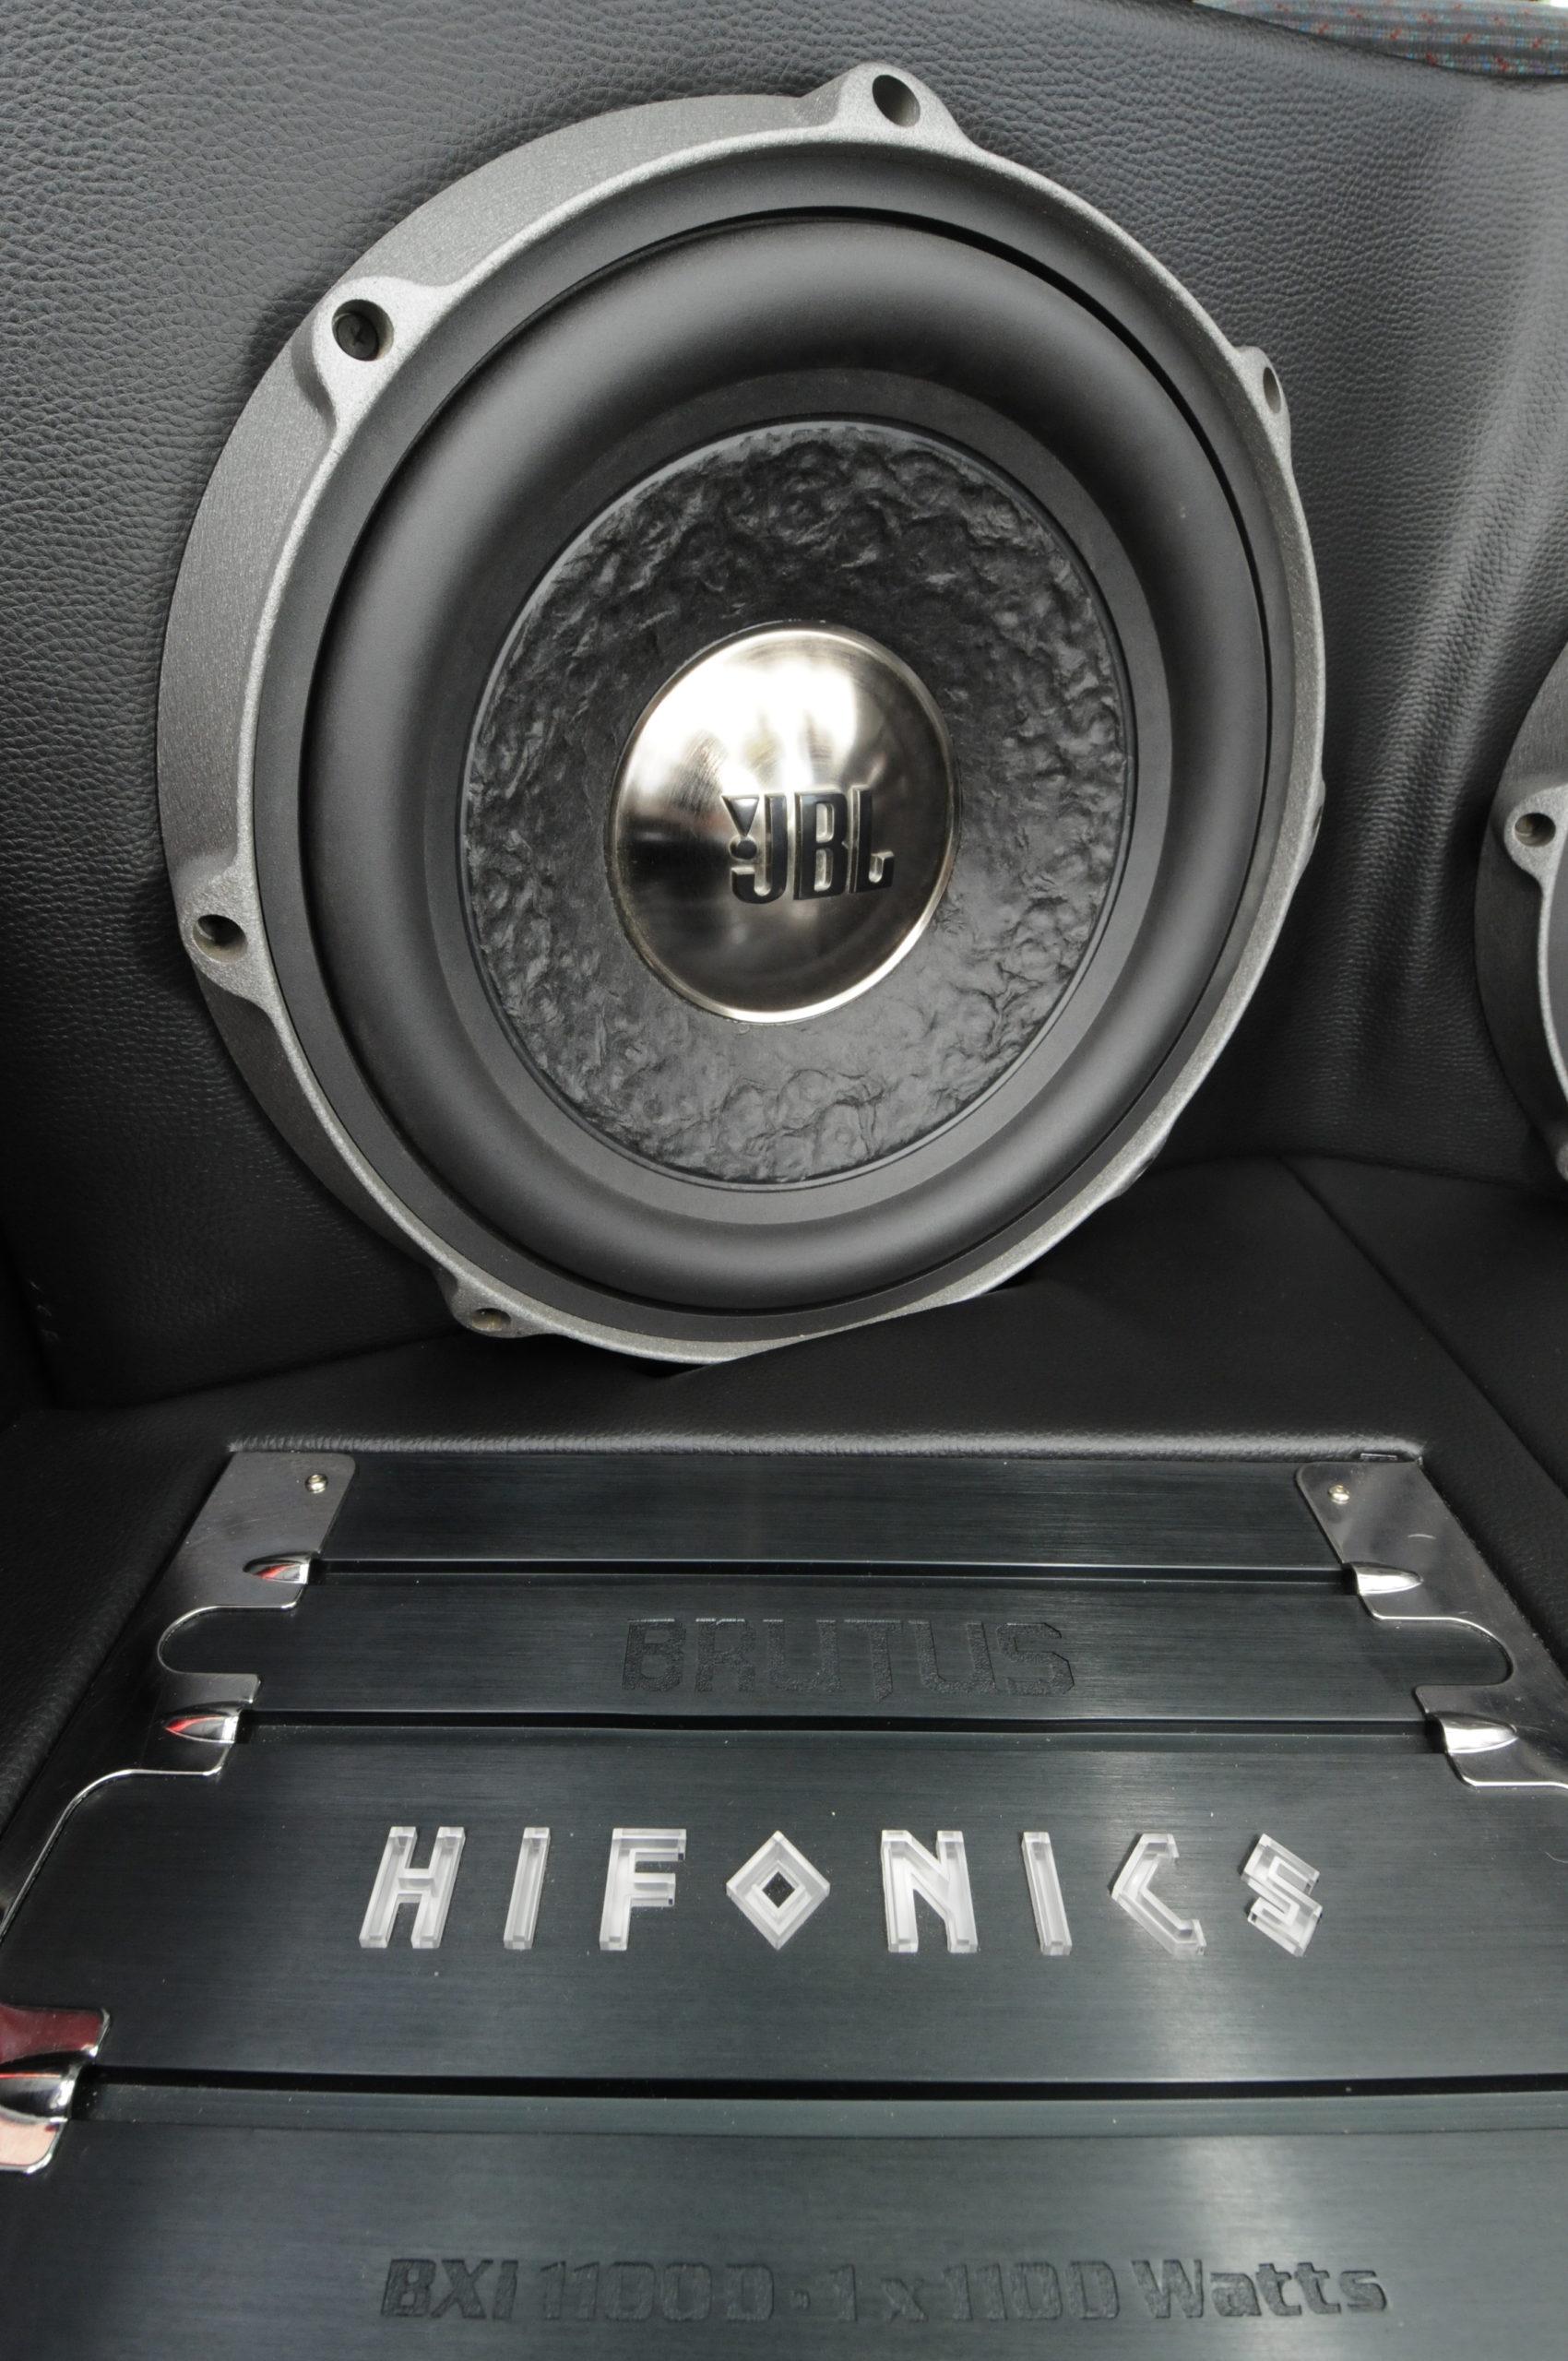 Tuning-VW-Golf-3-1.8-GL-glosnik jbl i wzmacniacz HIfonics BXI 1100D